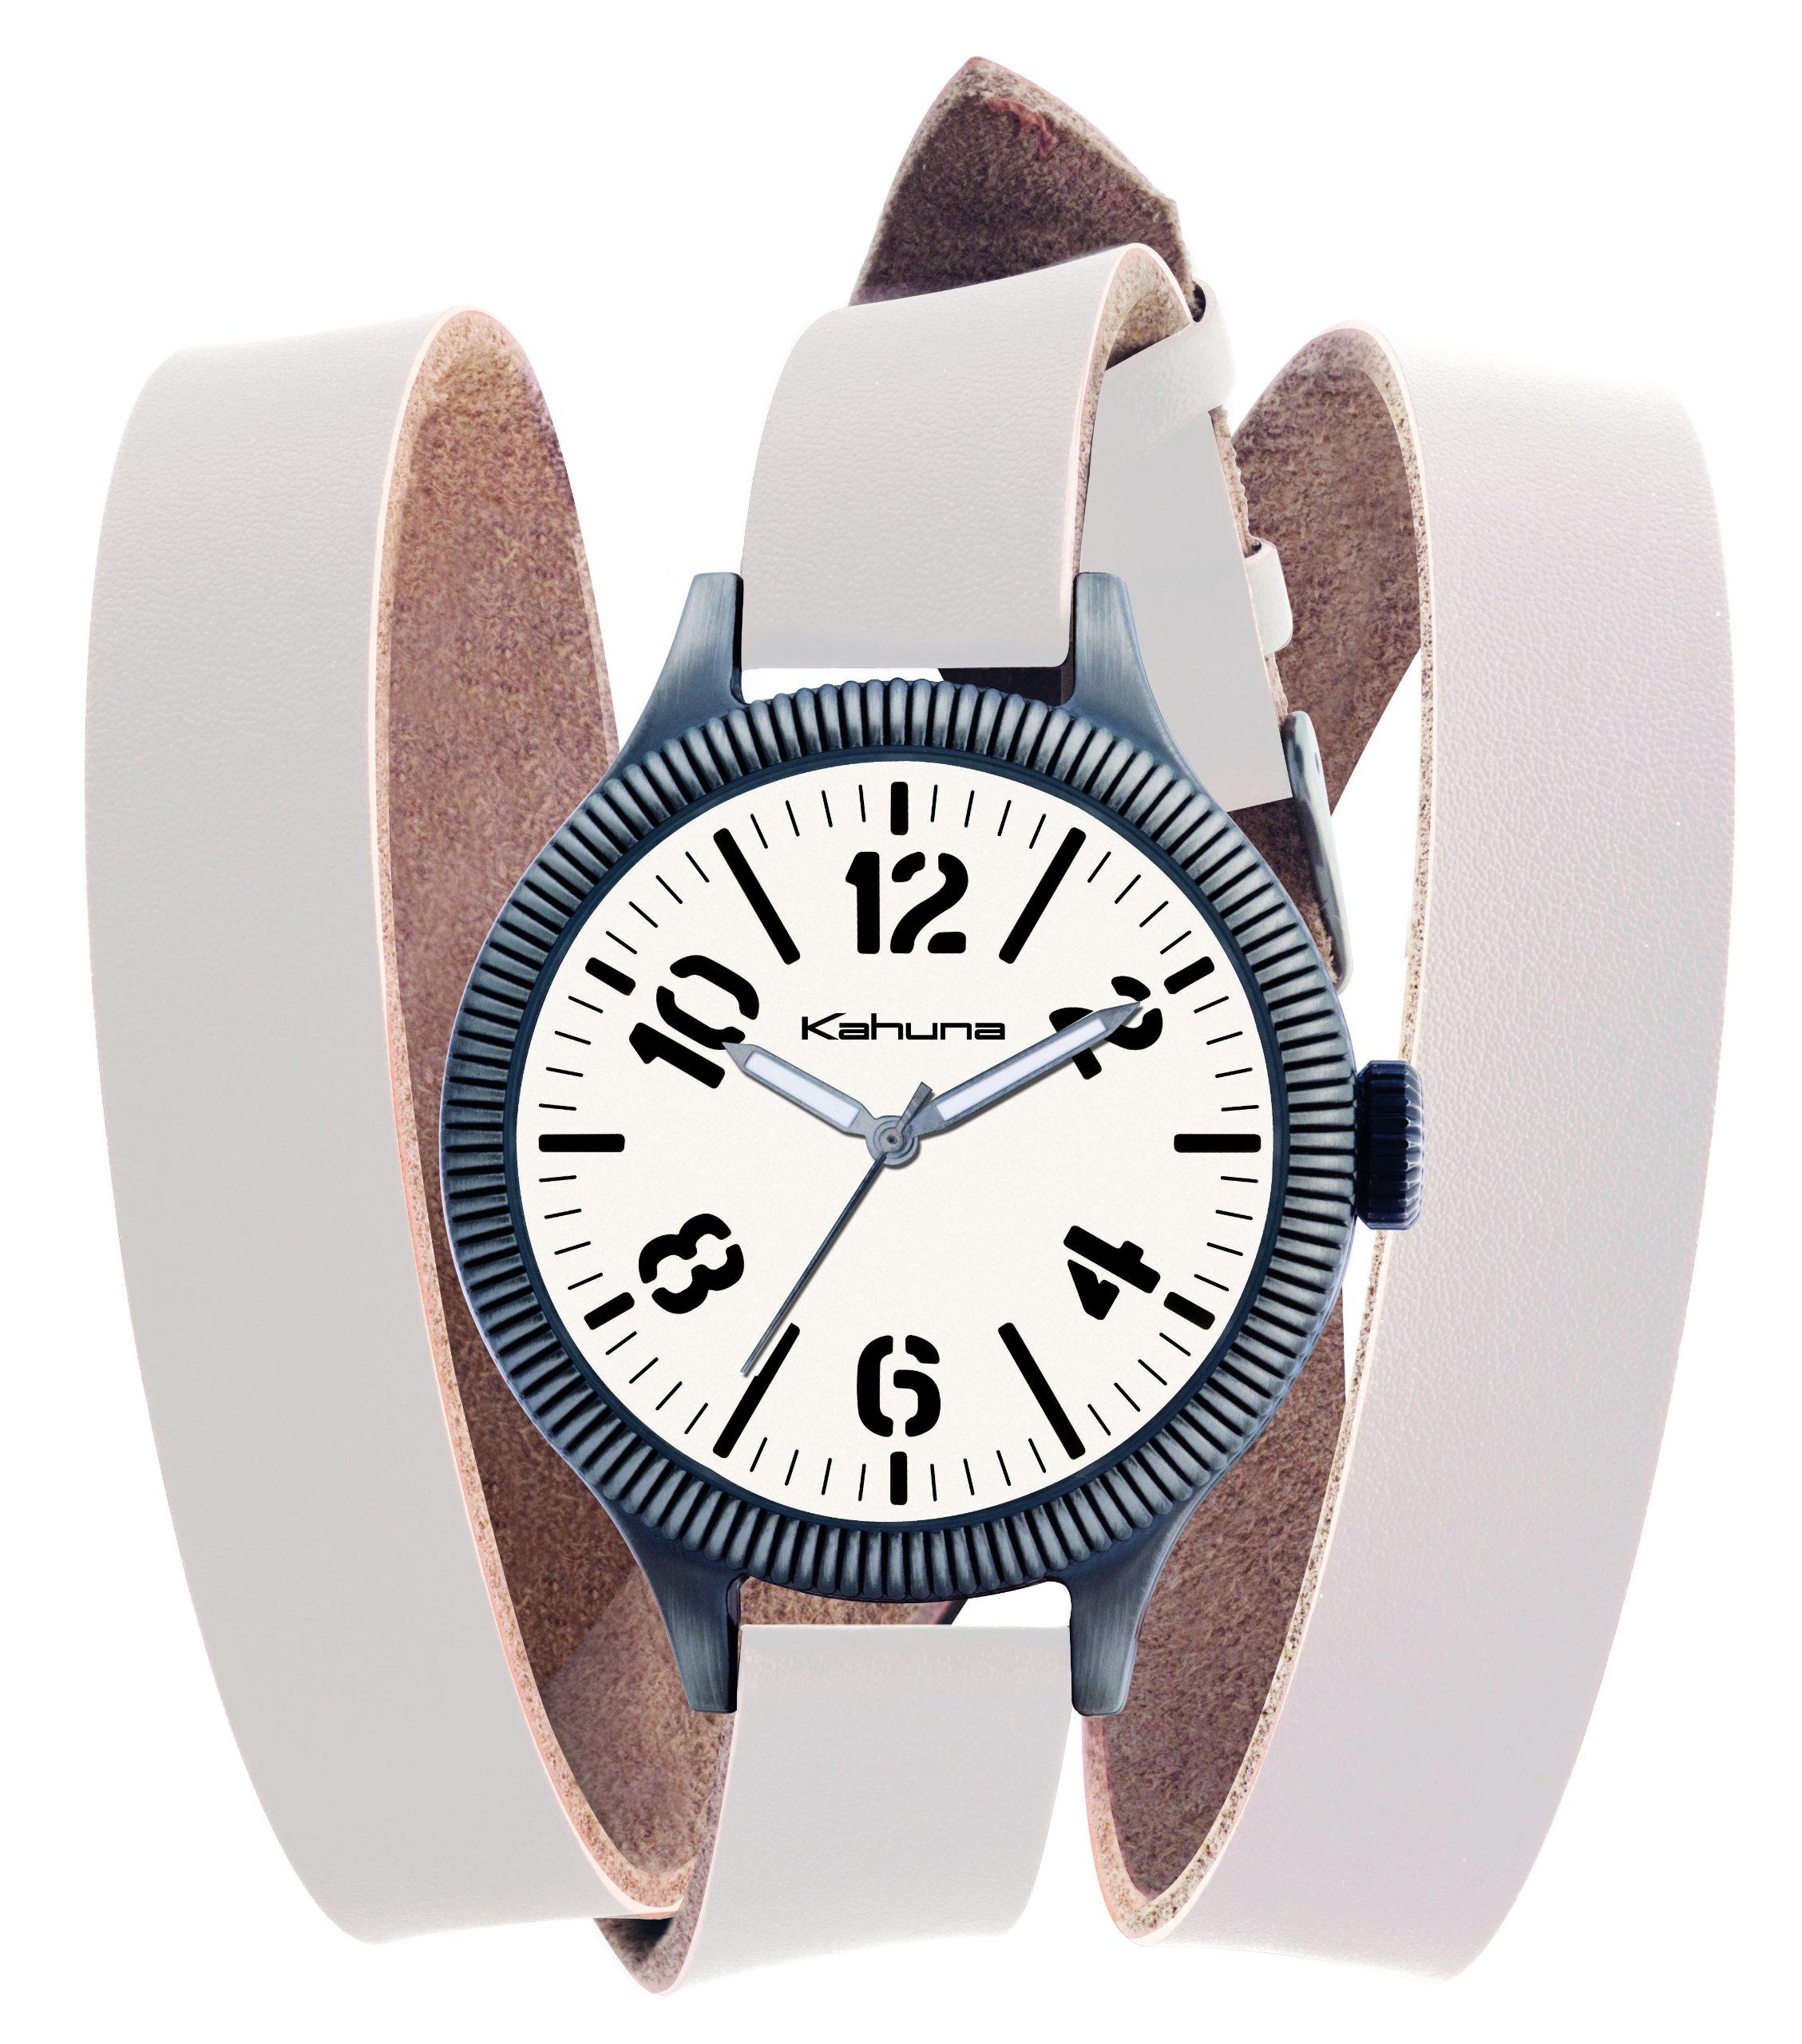 Kahuna KUS-0051G – Reloj analógico de caballero de cuarzo con correa de piel blanca